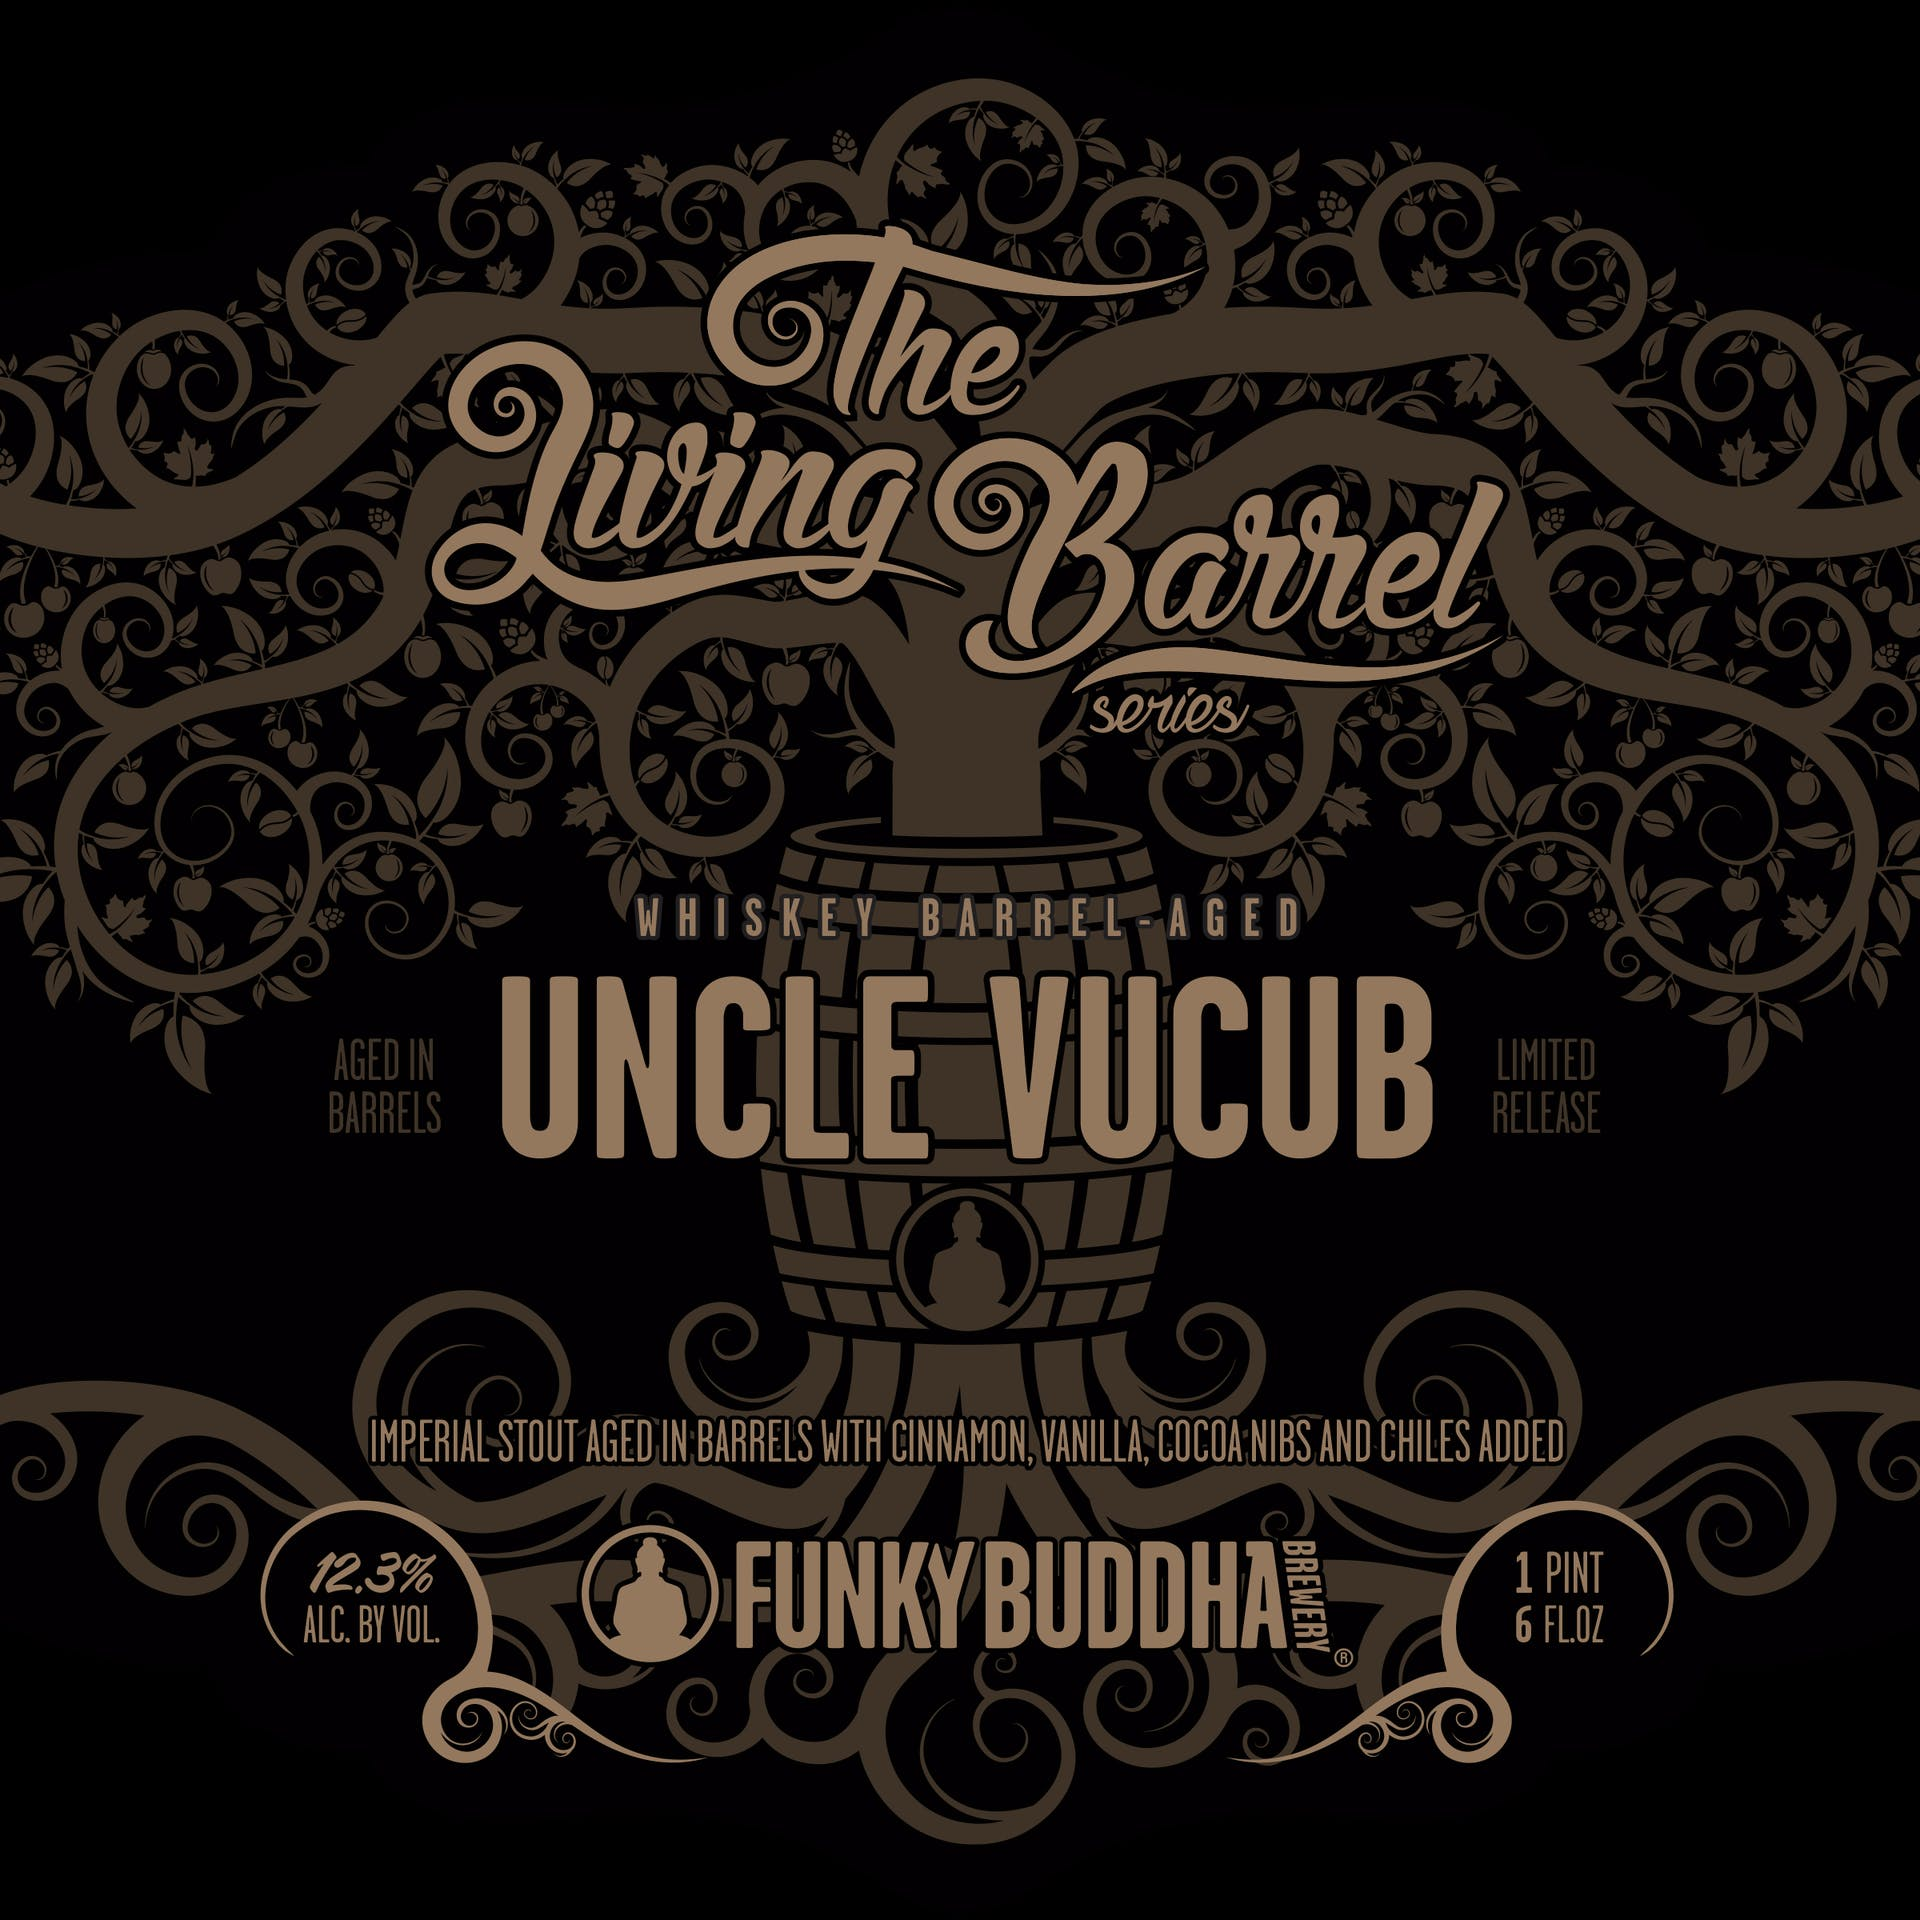 unclevucub2400